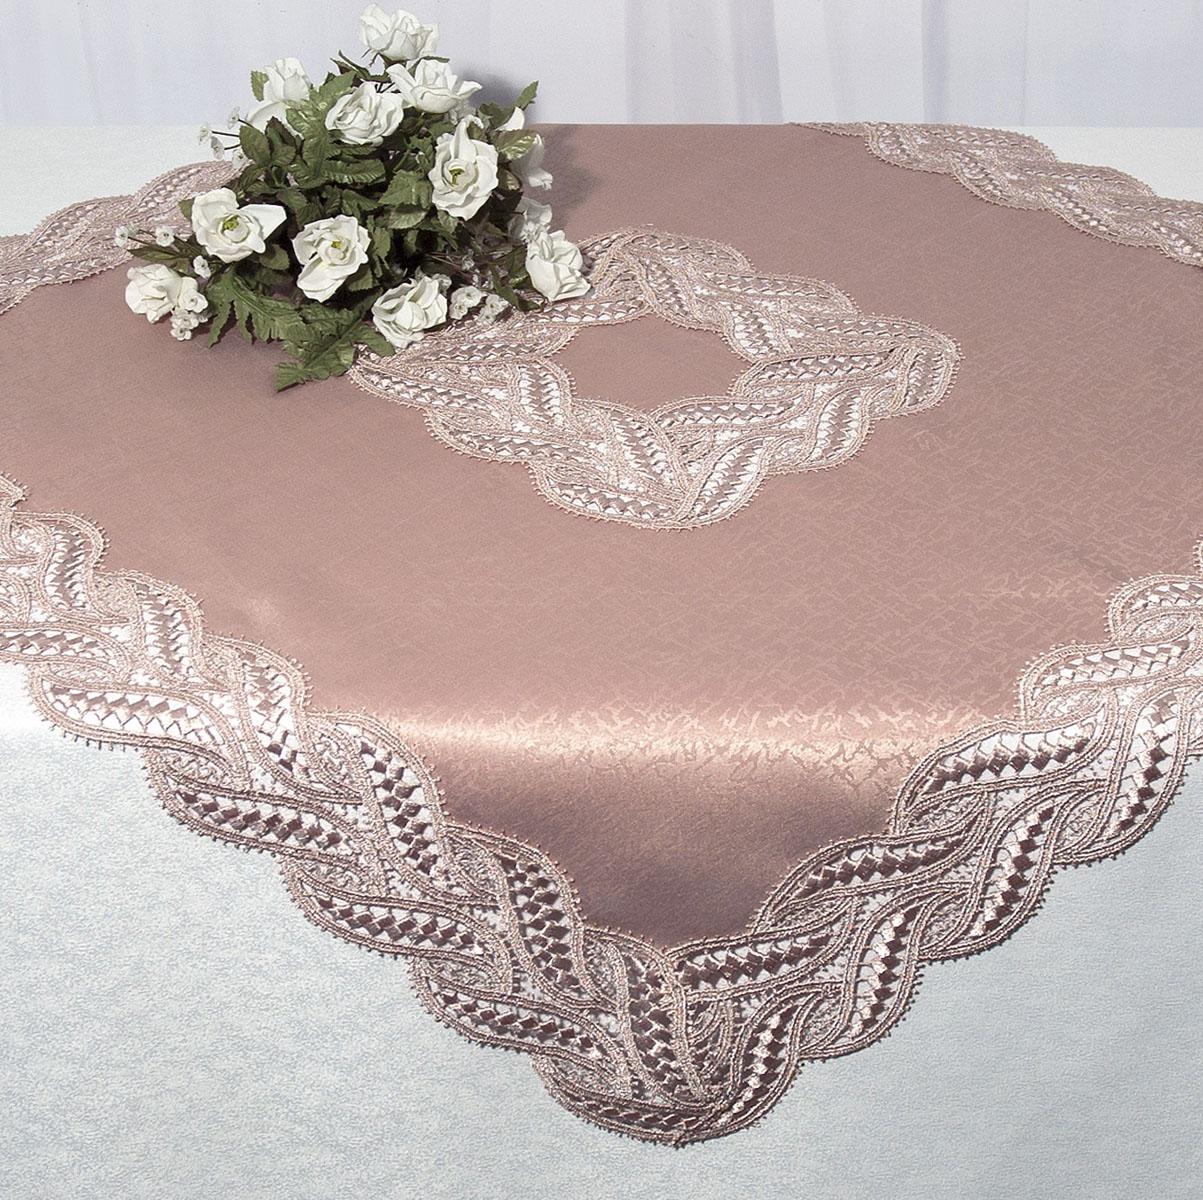 Скатерть Schaefer, квадратная, цвет: чайная роза, 85  x 85 см. 3028 скатерти schaefer скатерть 85 85см 80